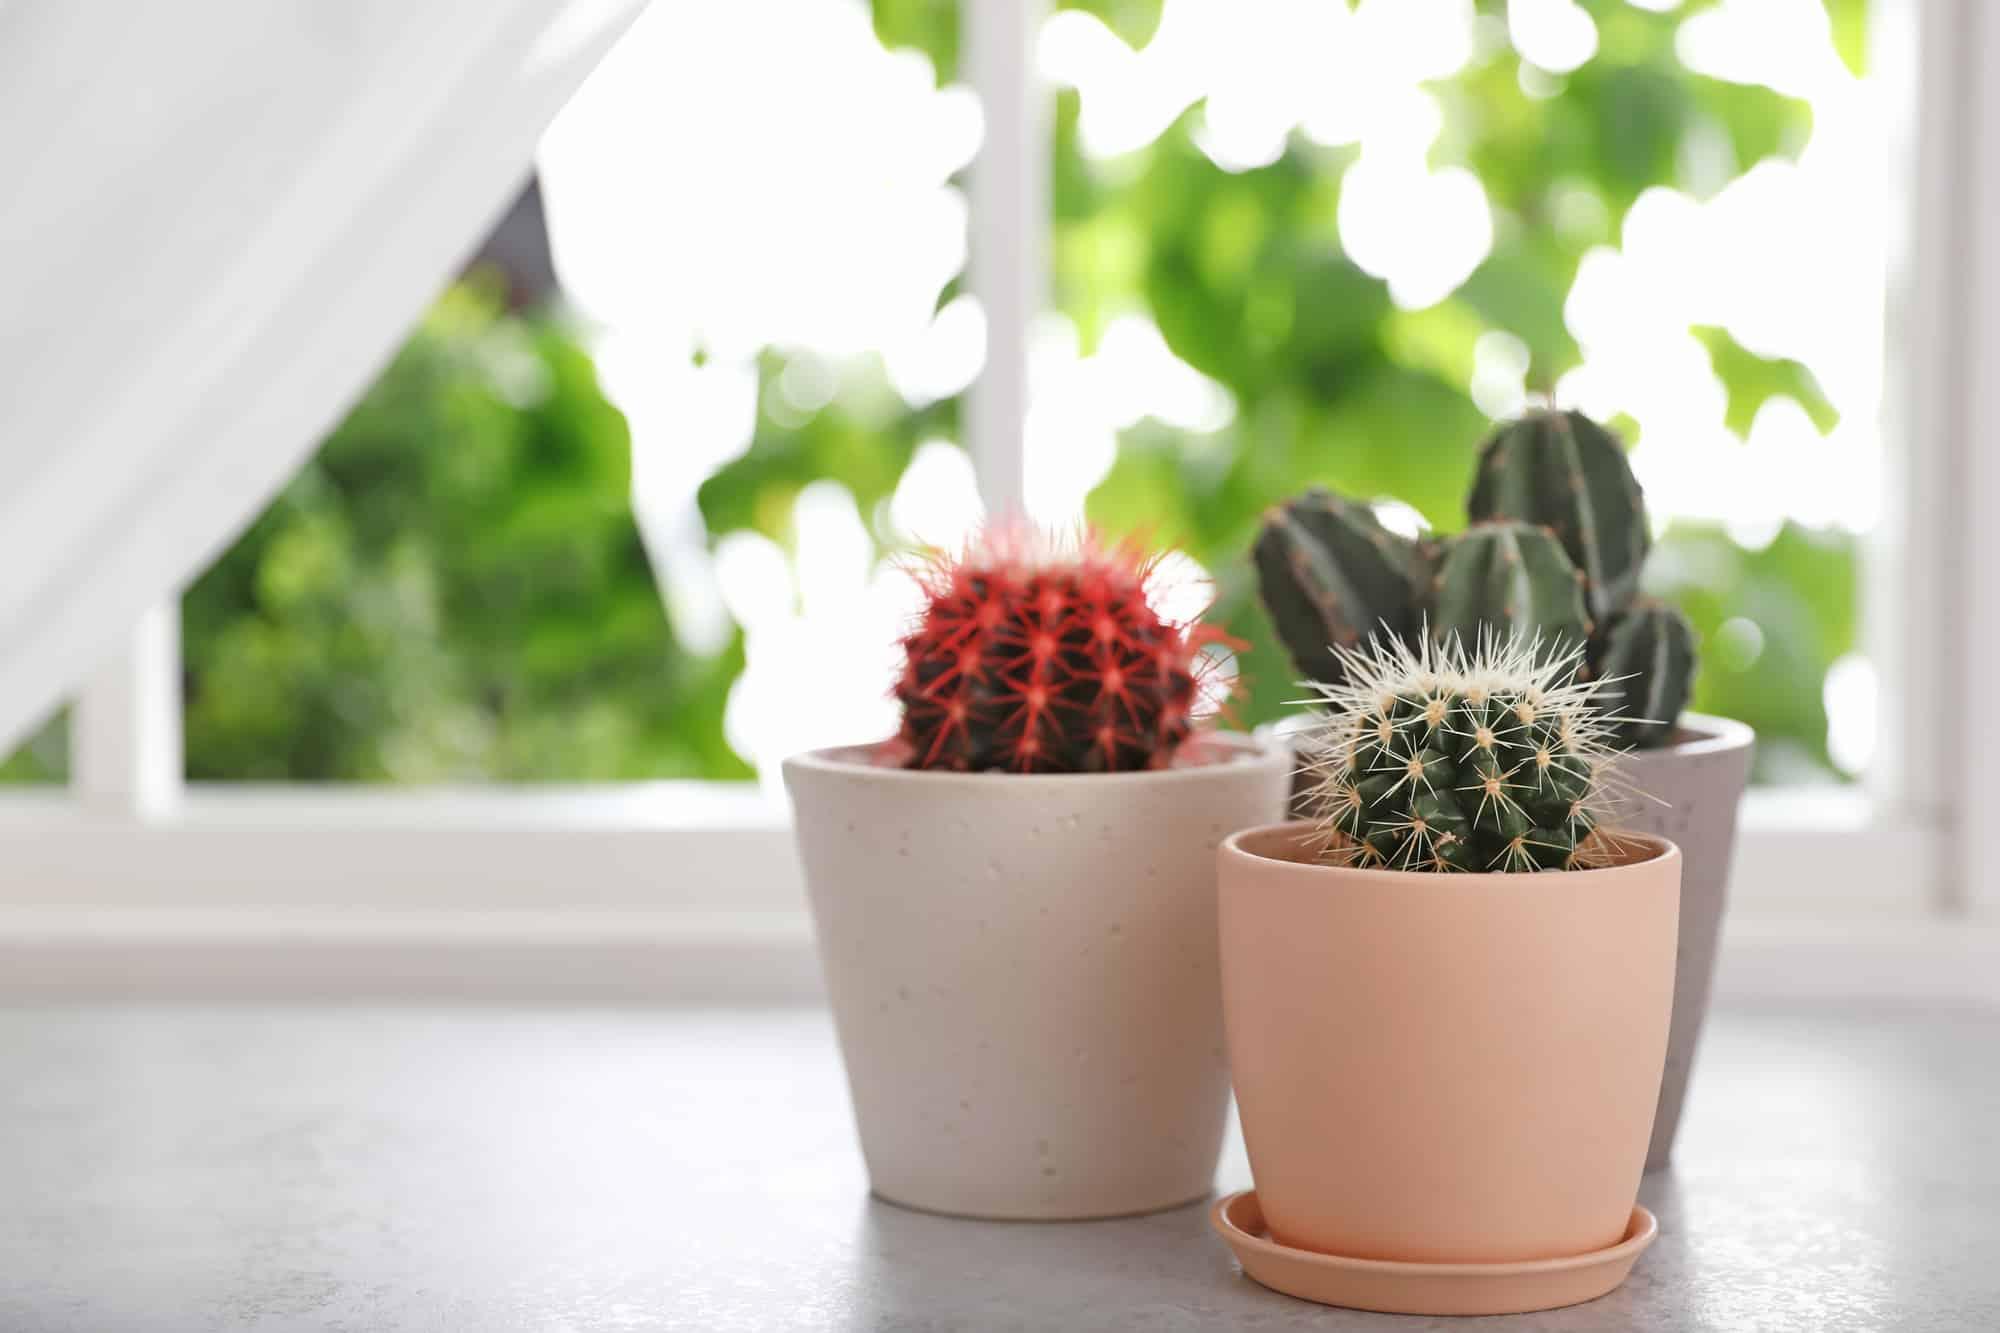 Cactus In Window